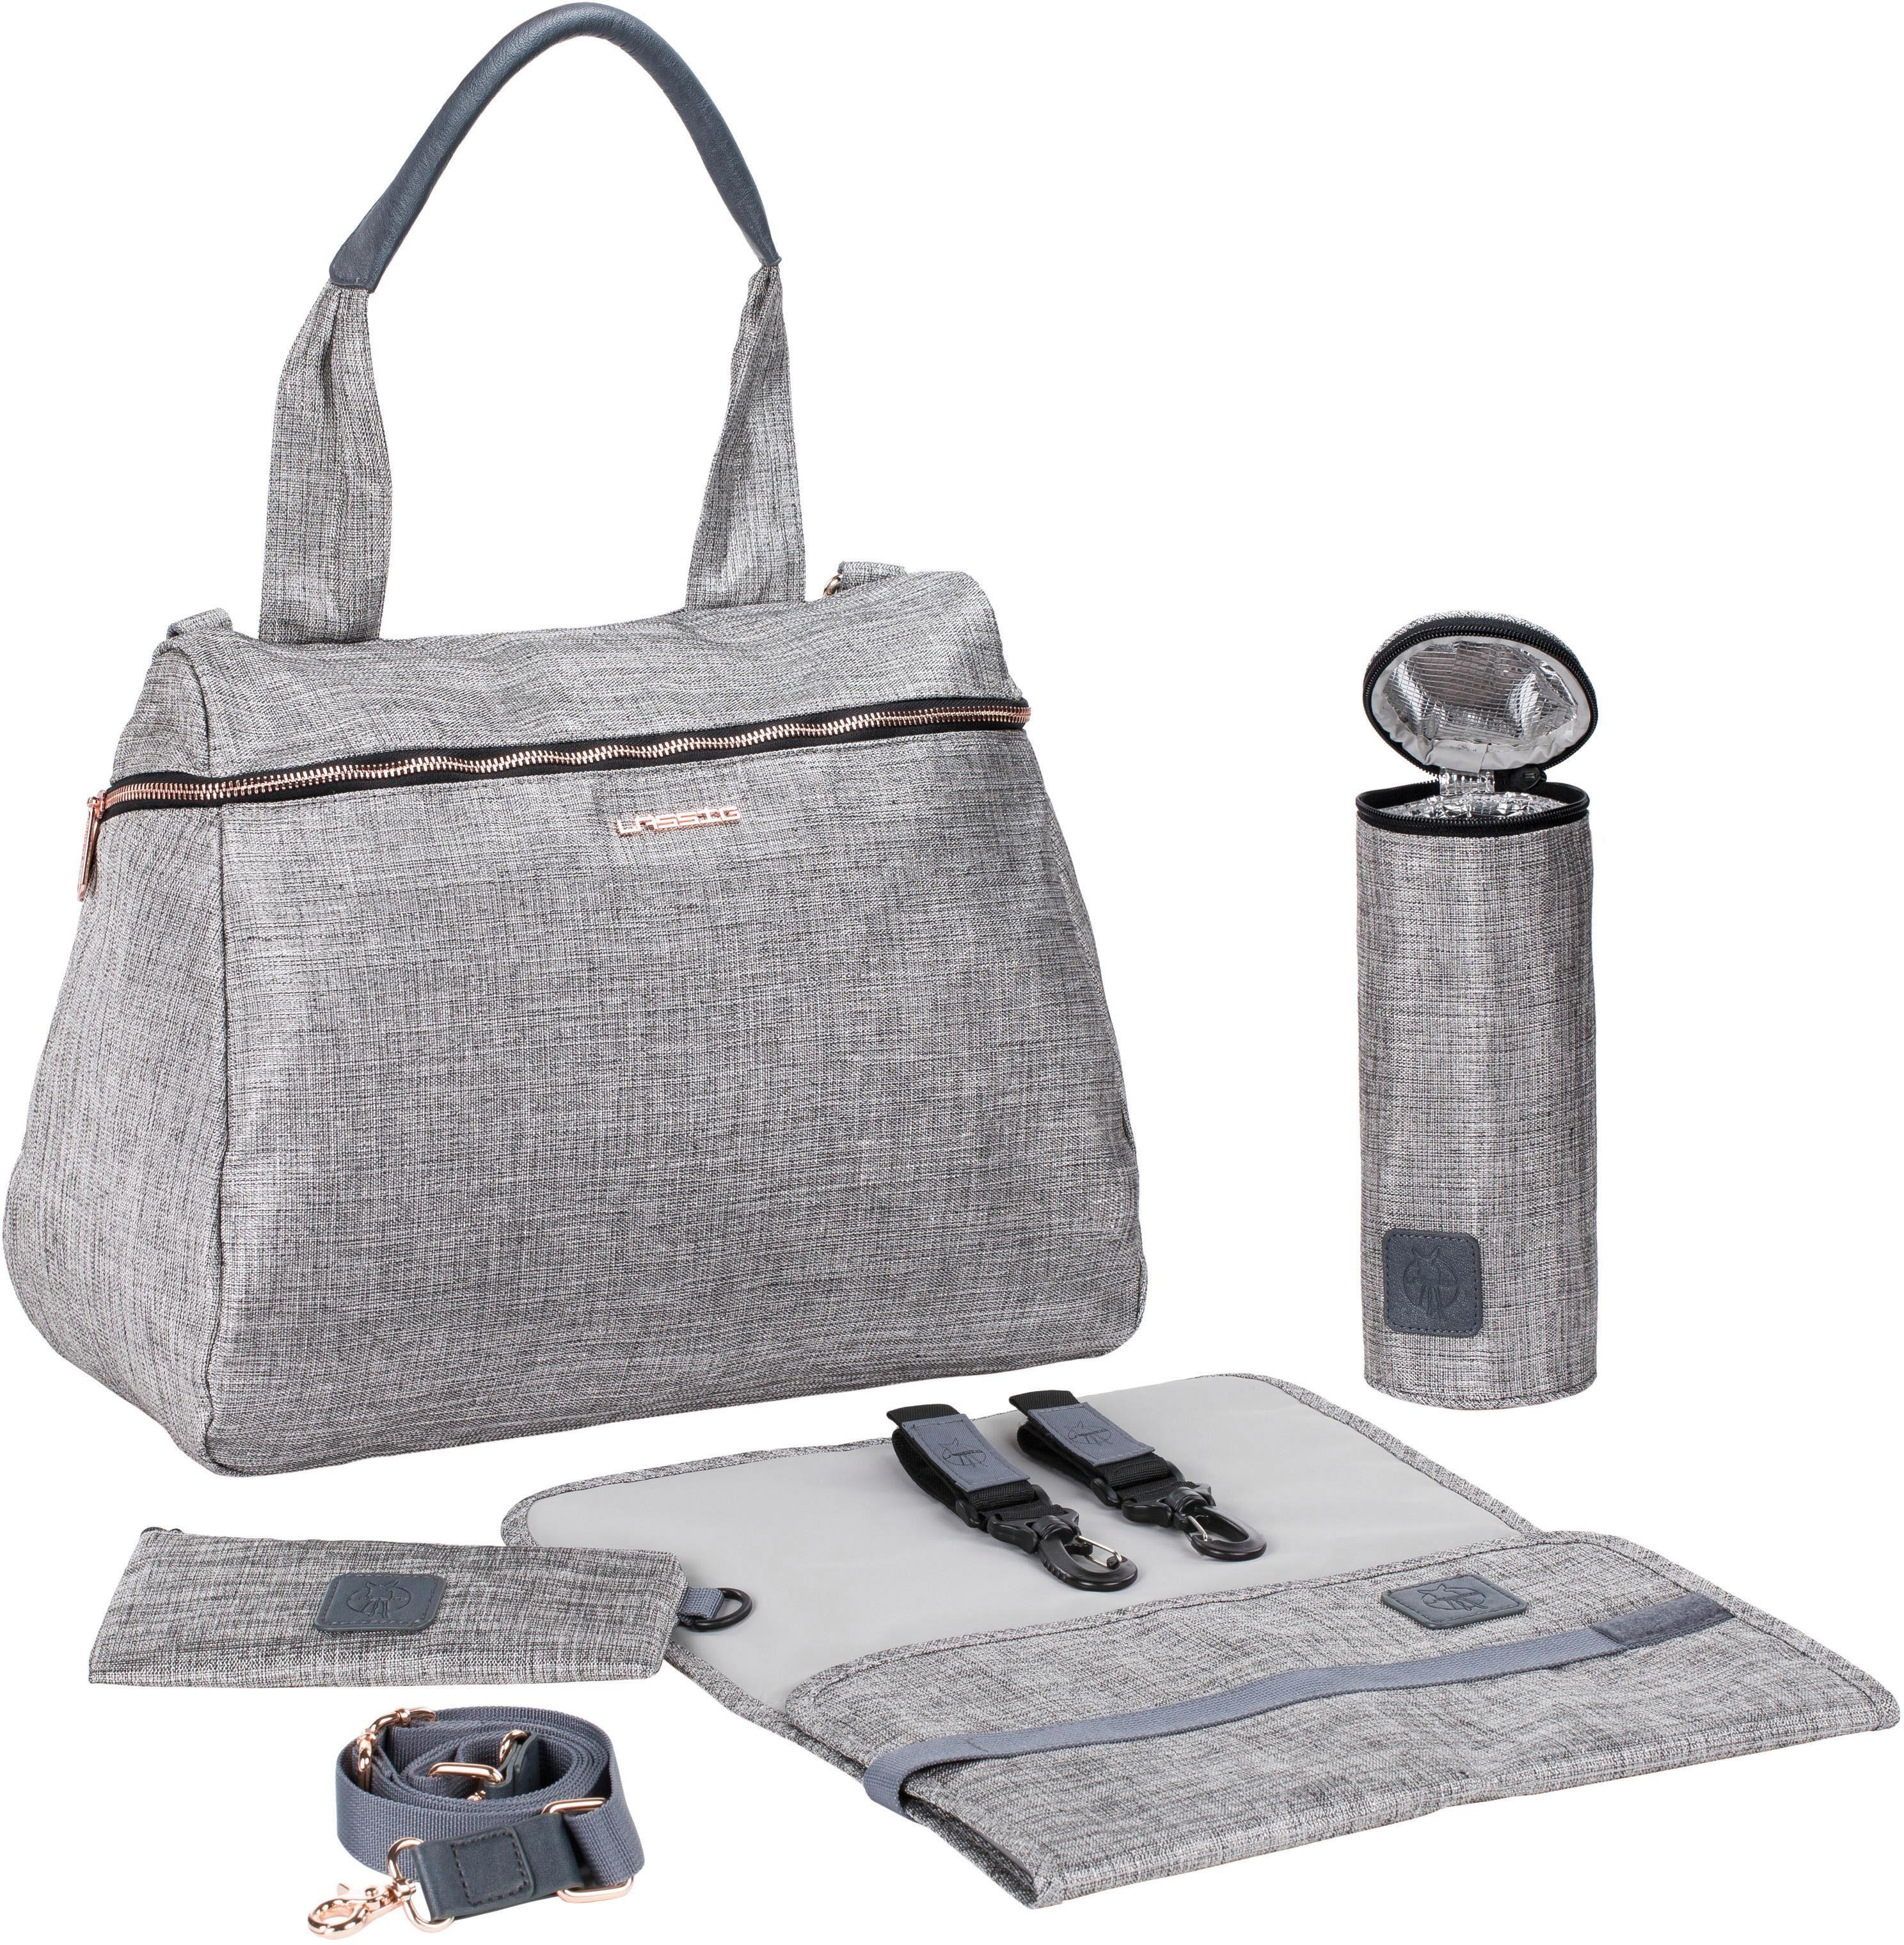 Lässig Wickeltasche mit Wickelunterlage, »Glam Rosie Bag, Anthracite Glitter«